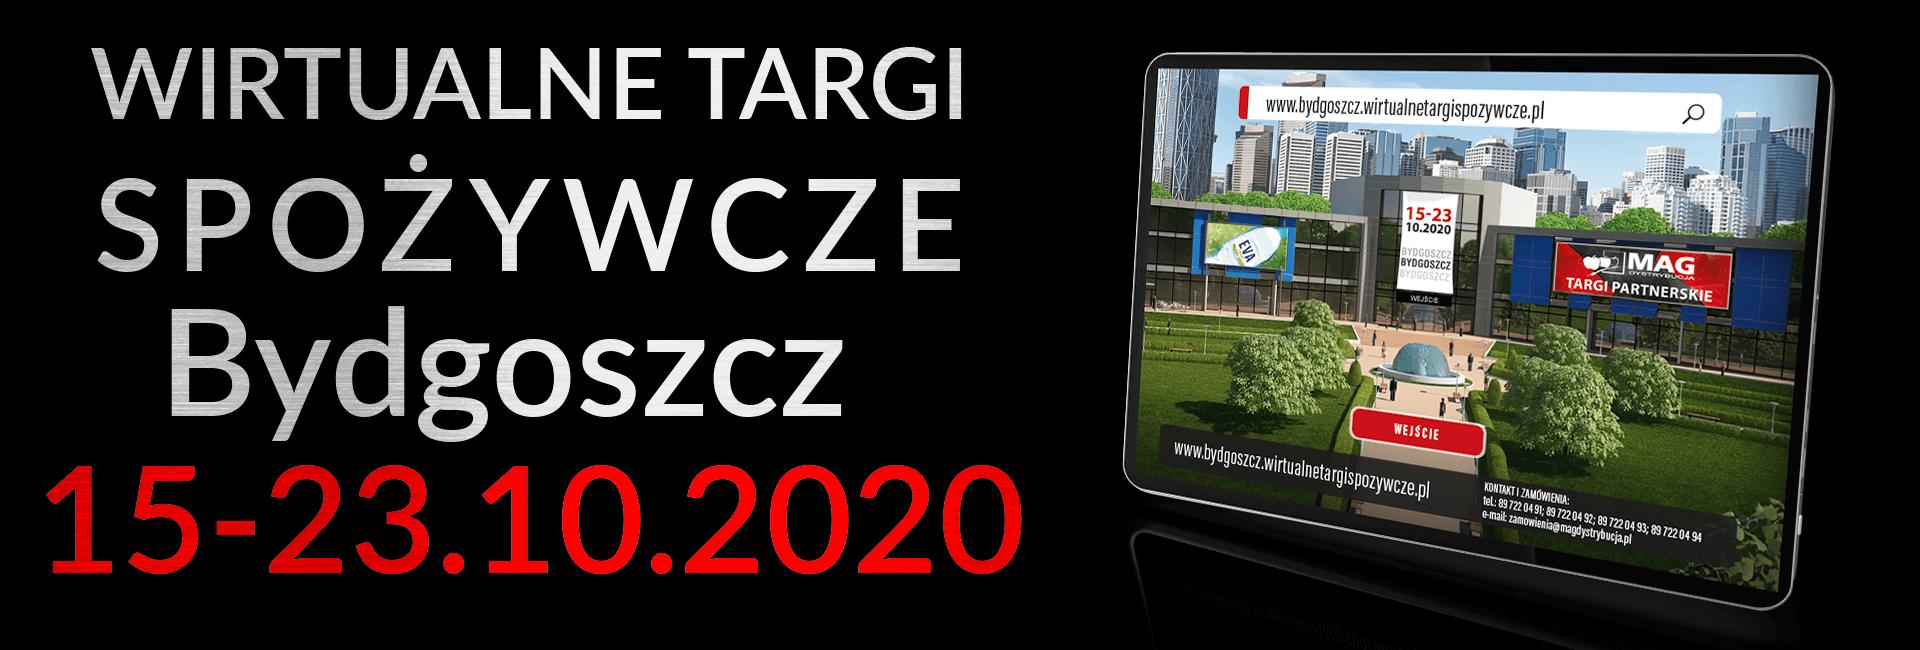 Bydgoszcz_baner_targi_1920x650